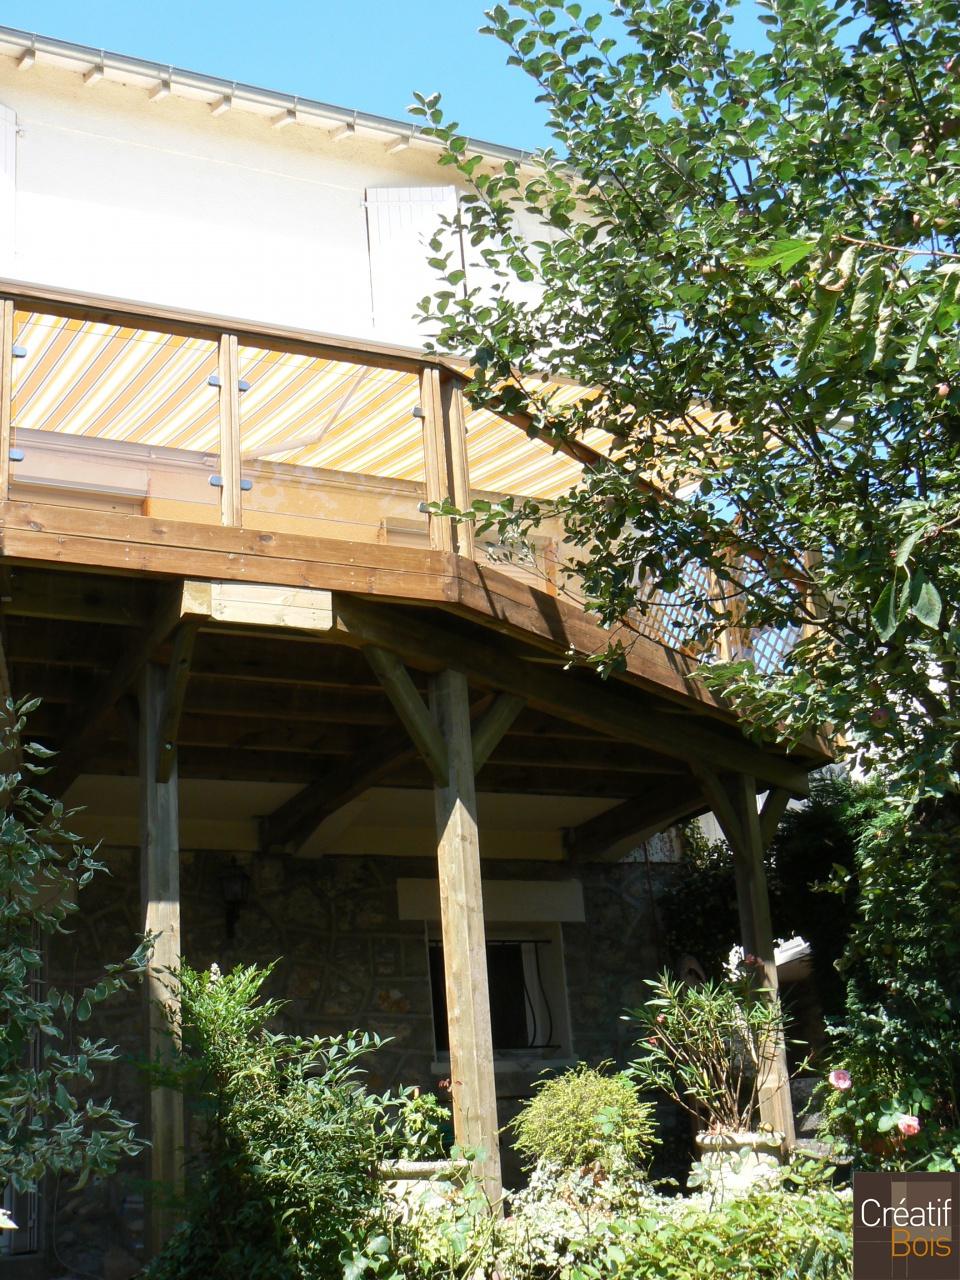 terrasse bois sur poteaux et garde corps bois et verre brive corr ze 19 r alisation terrasses. Black Bedroom Furniture Sets. Home Design Ideas